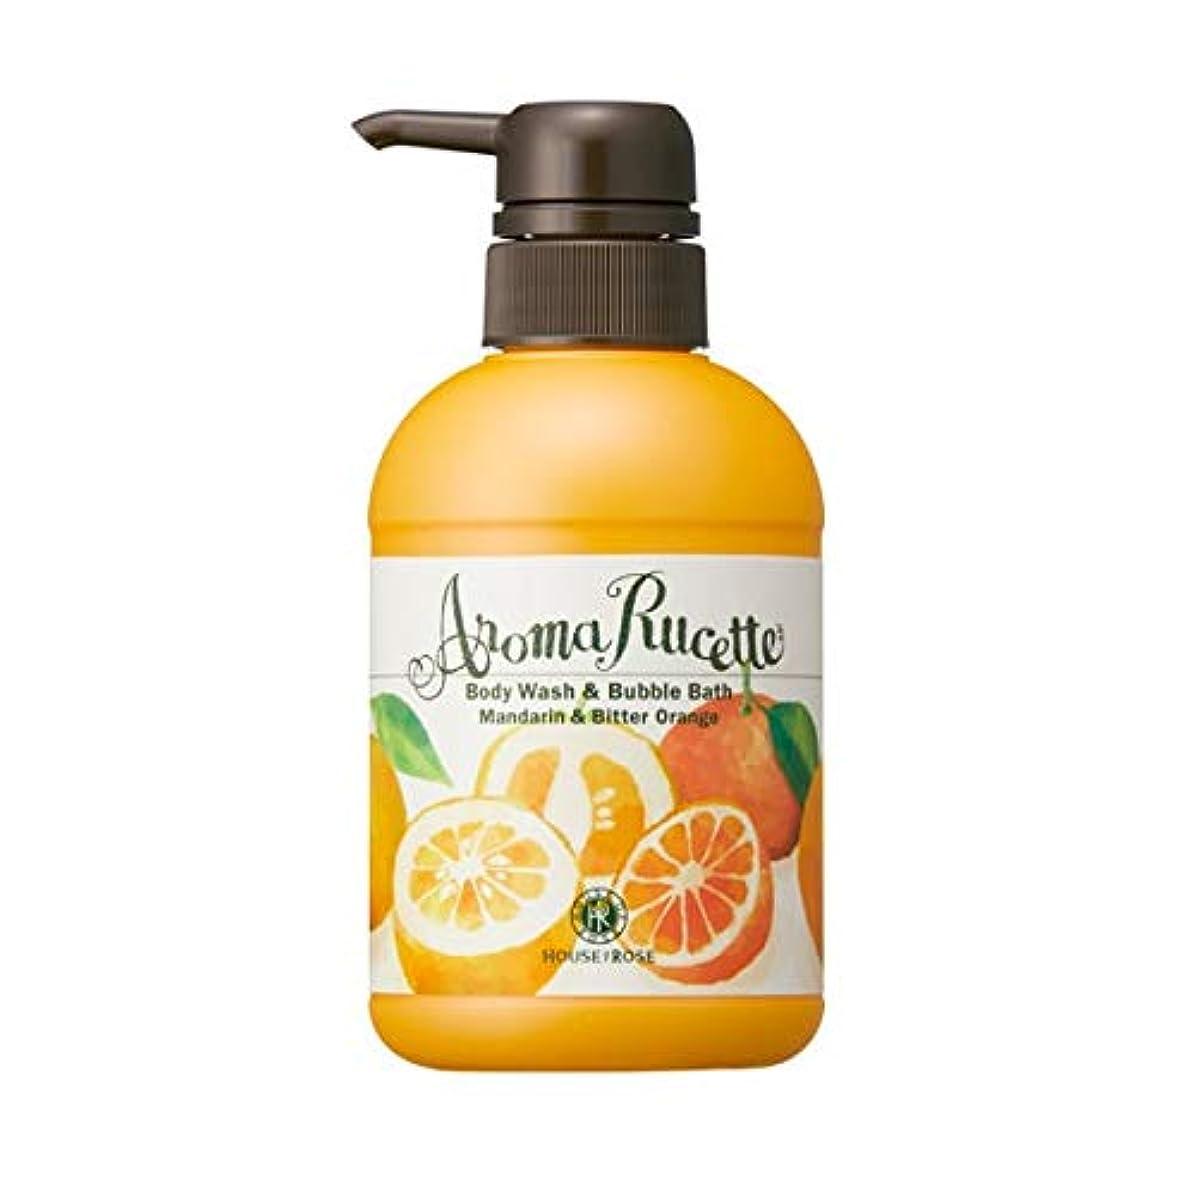 ミトン地理不安定HOUSE OF ROSE(ハウスオブローゼ) ハウスオブローゼ/アロマルセット ボディウォッシュ&バブルバス MD&BO(マンダリン&ビターオレンジの香り)350mL